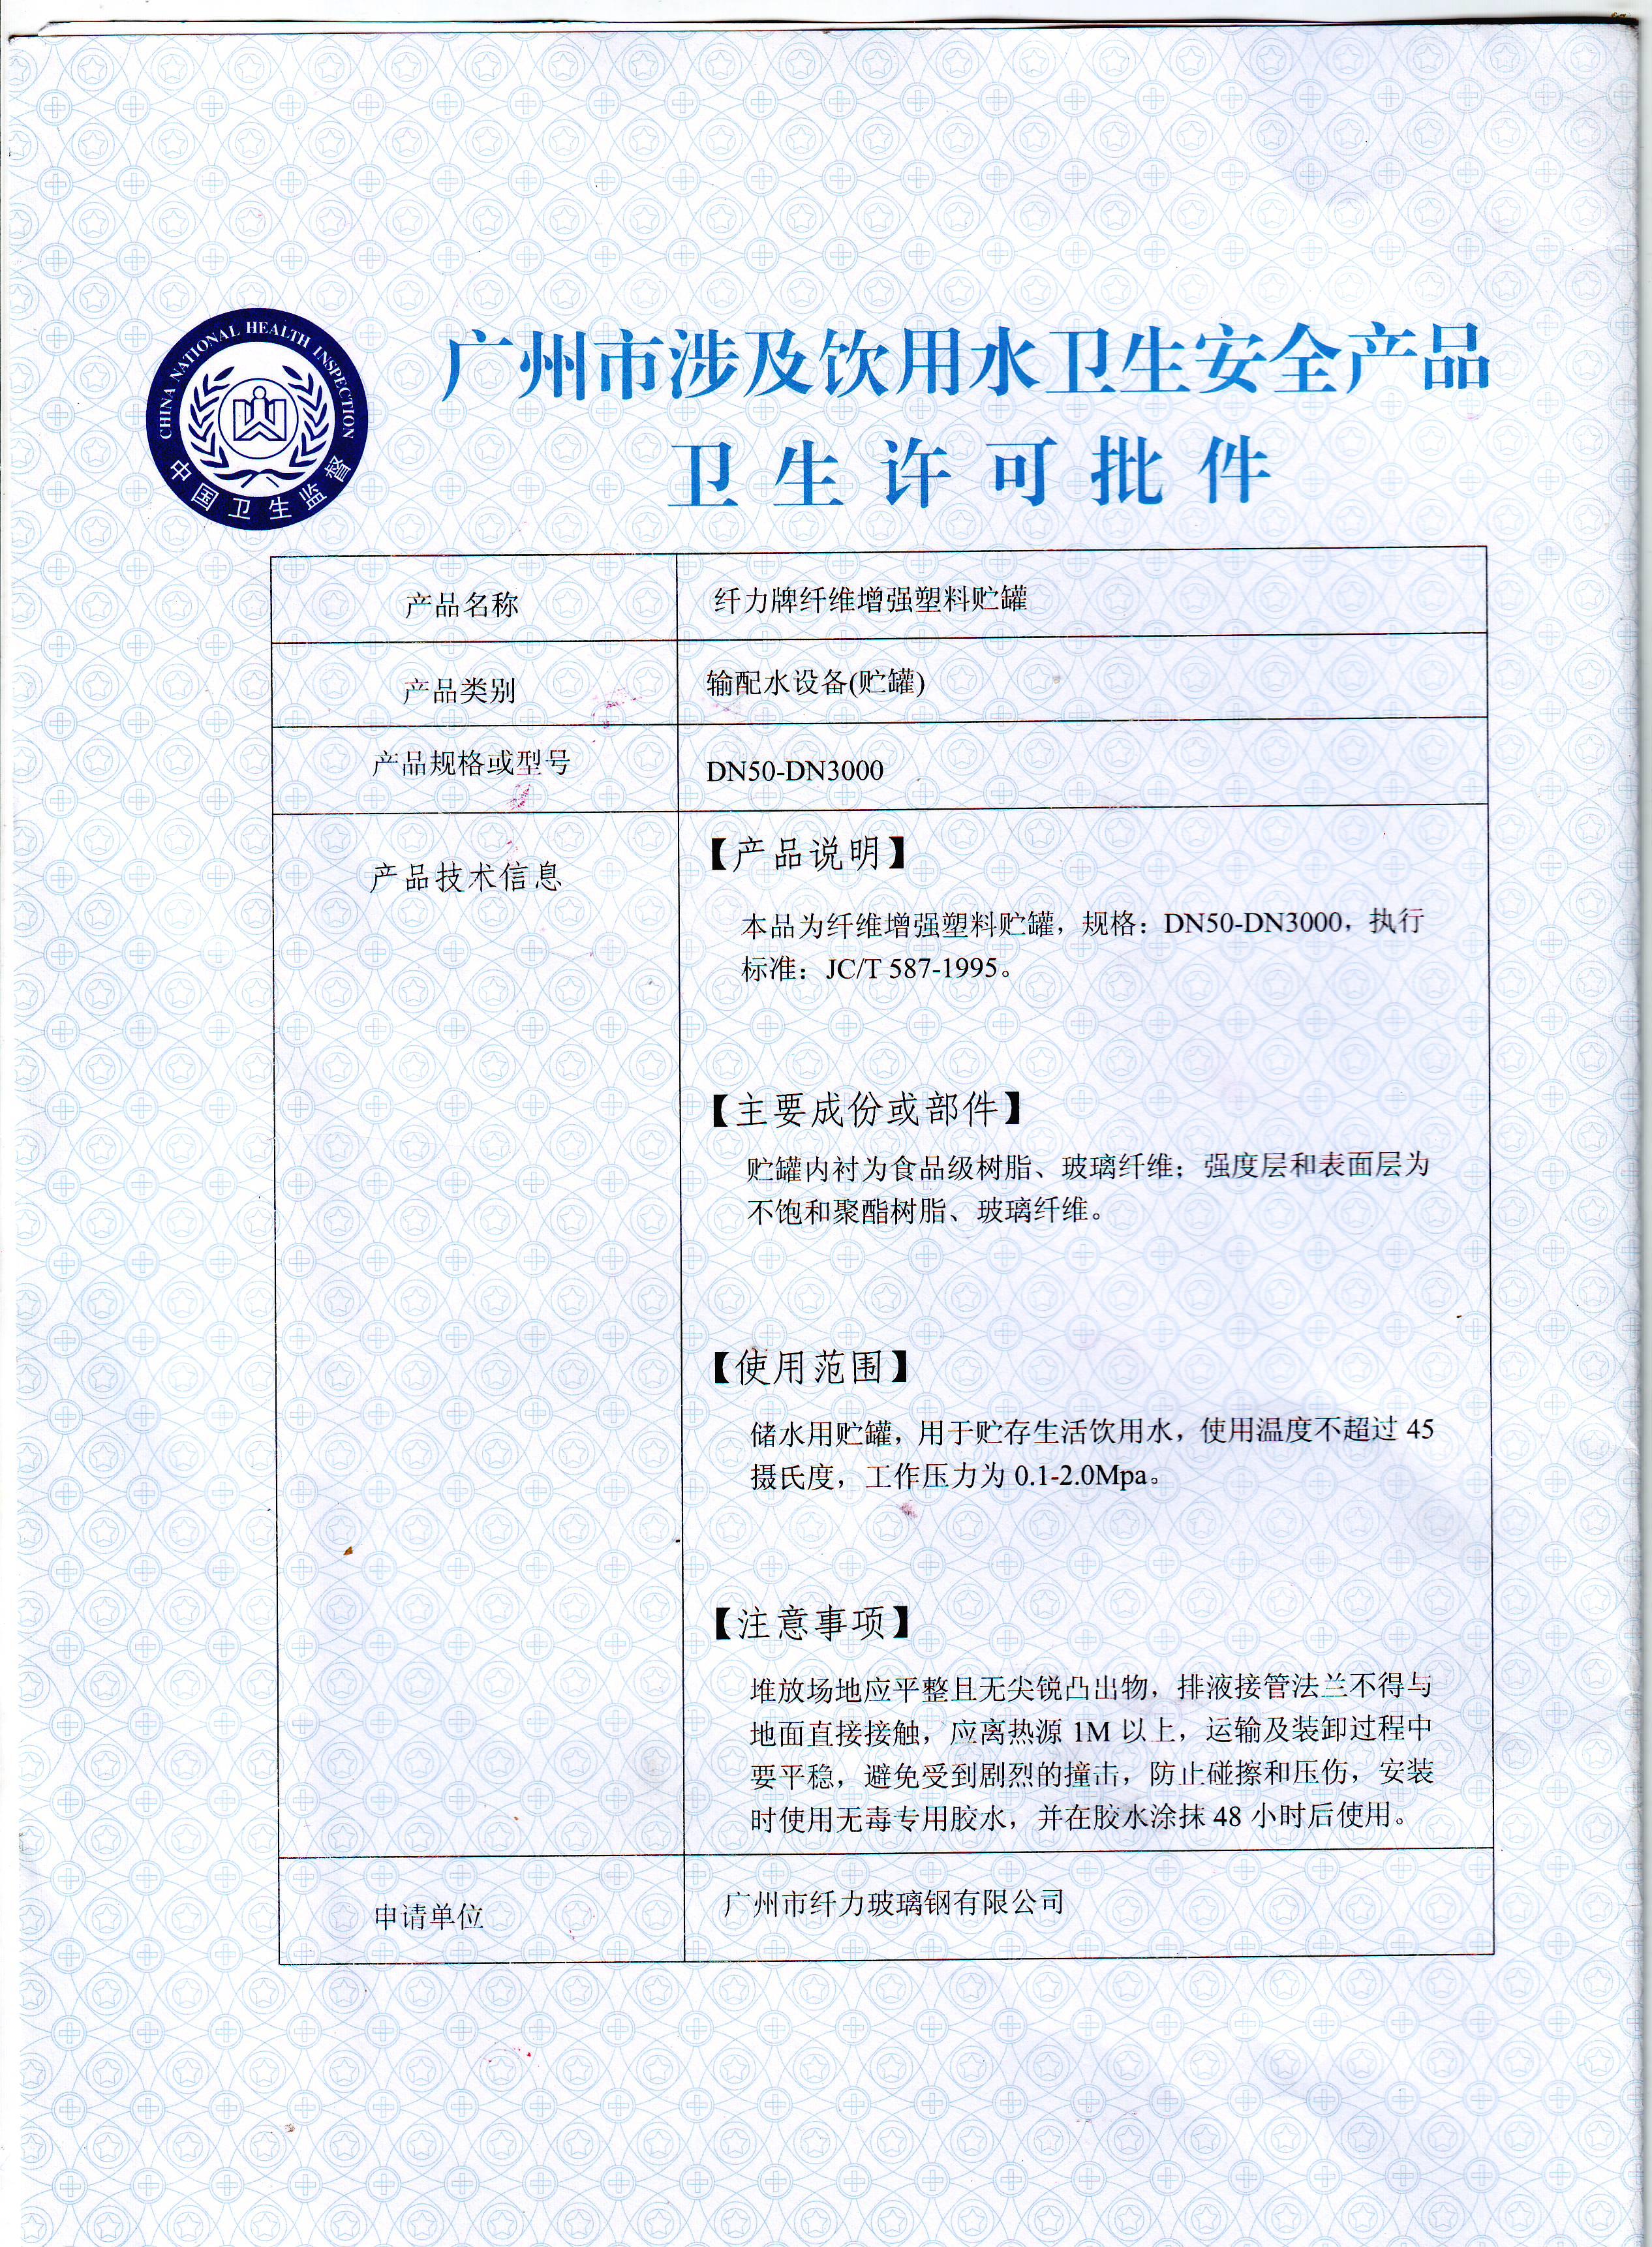 玻璃钢罐涉及饮用水卫生许可证